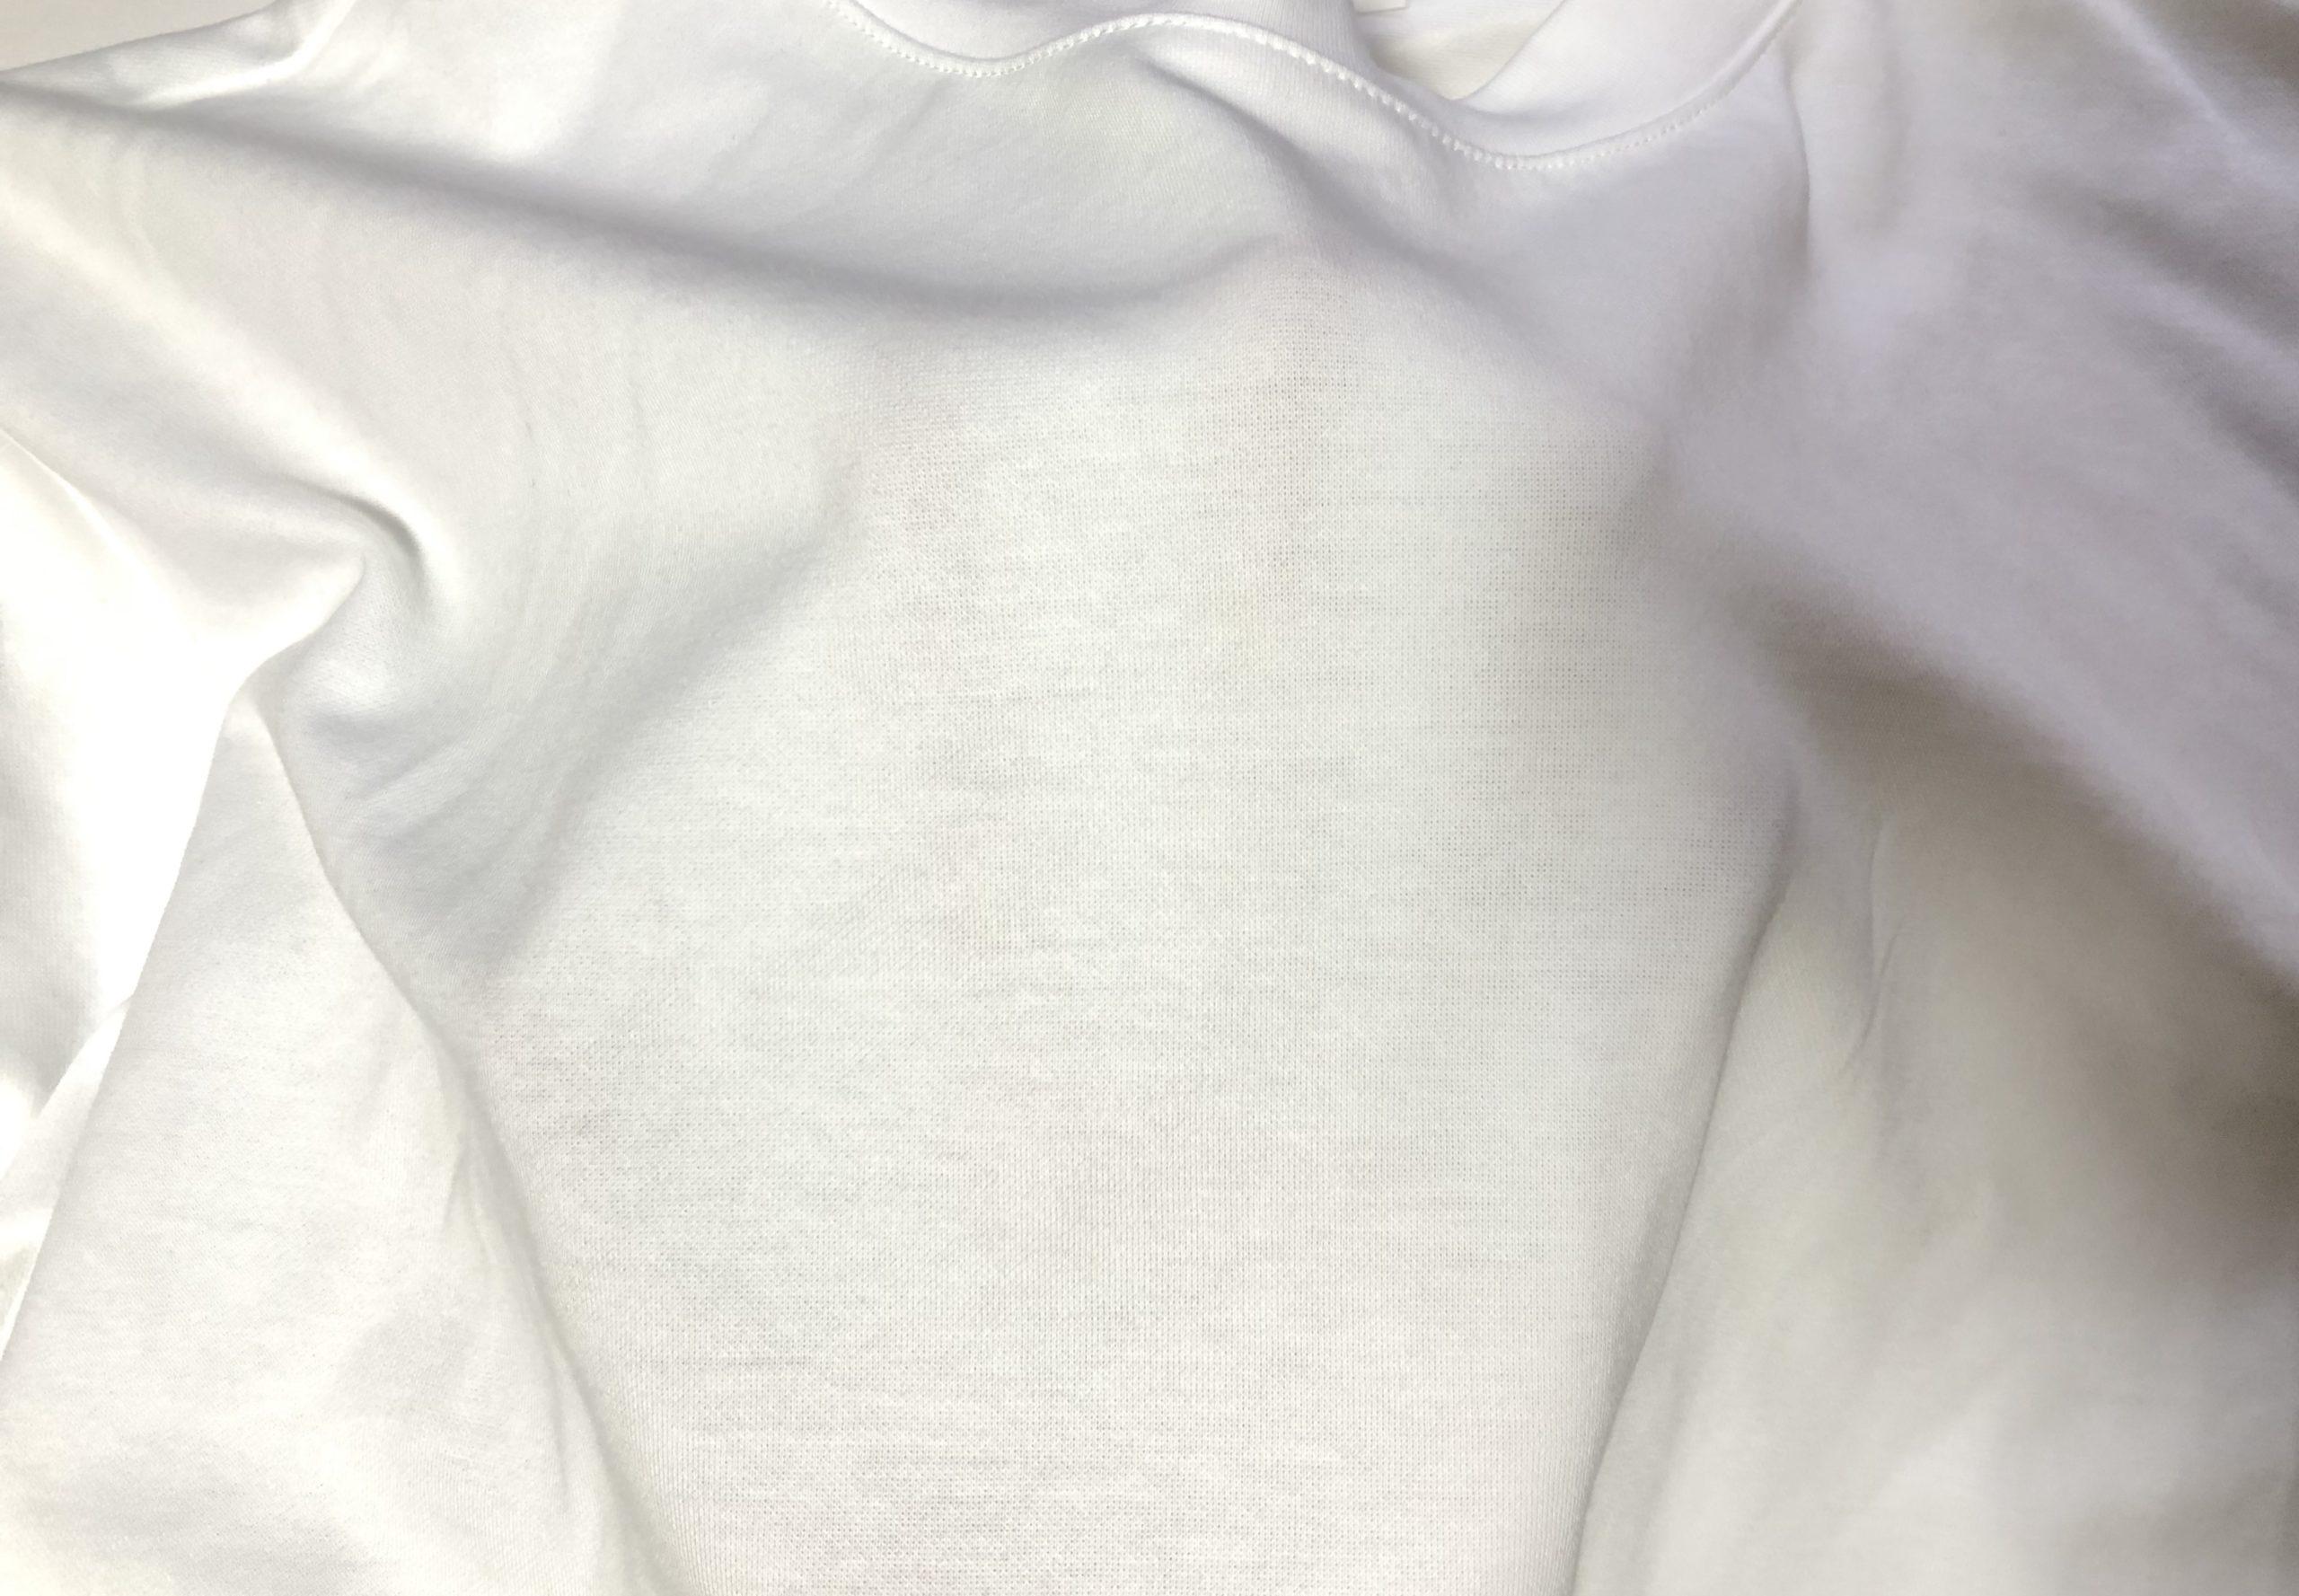 エアリズムコットンオーバーサイズTシャツの透ける画像